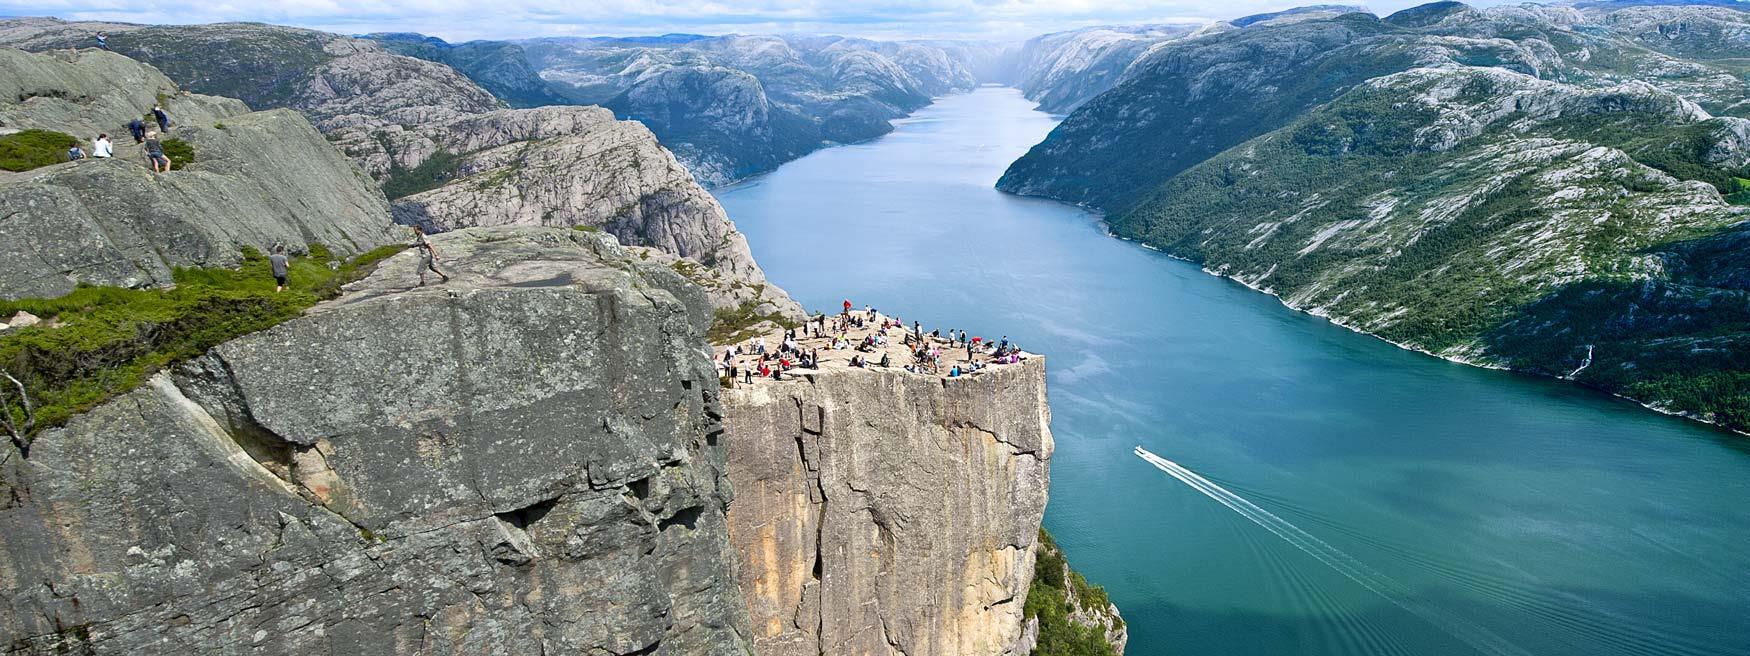 www.fjordnorway.com3.jpg